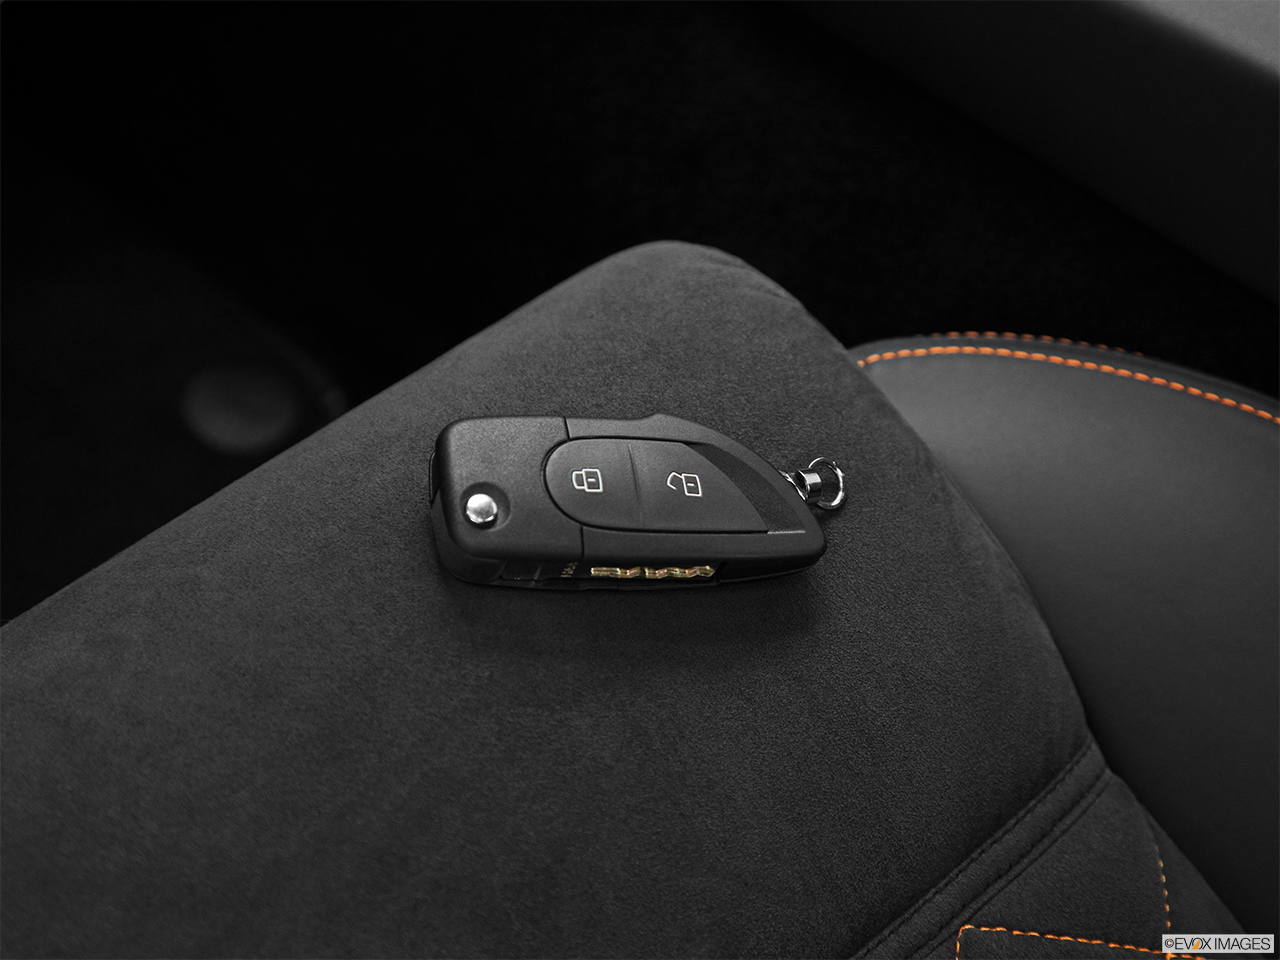 2013 Lamborghini Gallardo Coupe Lp560 4 Key Fob On Driver S Seat